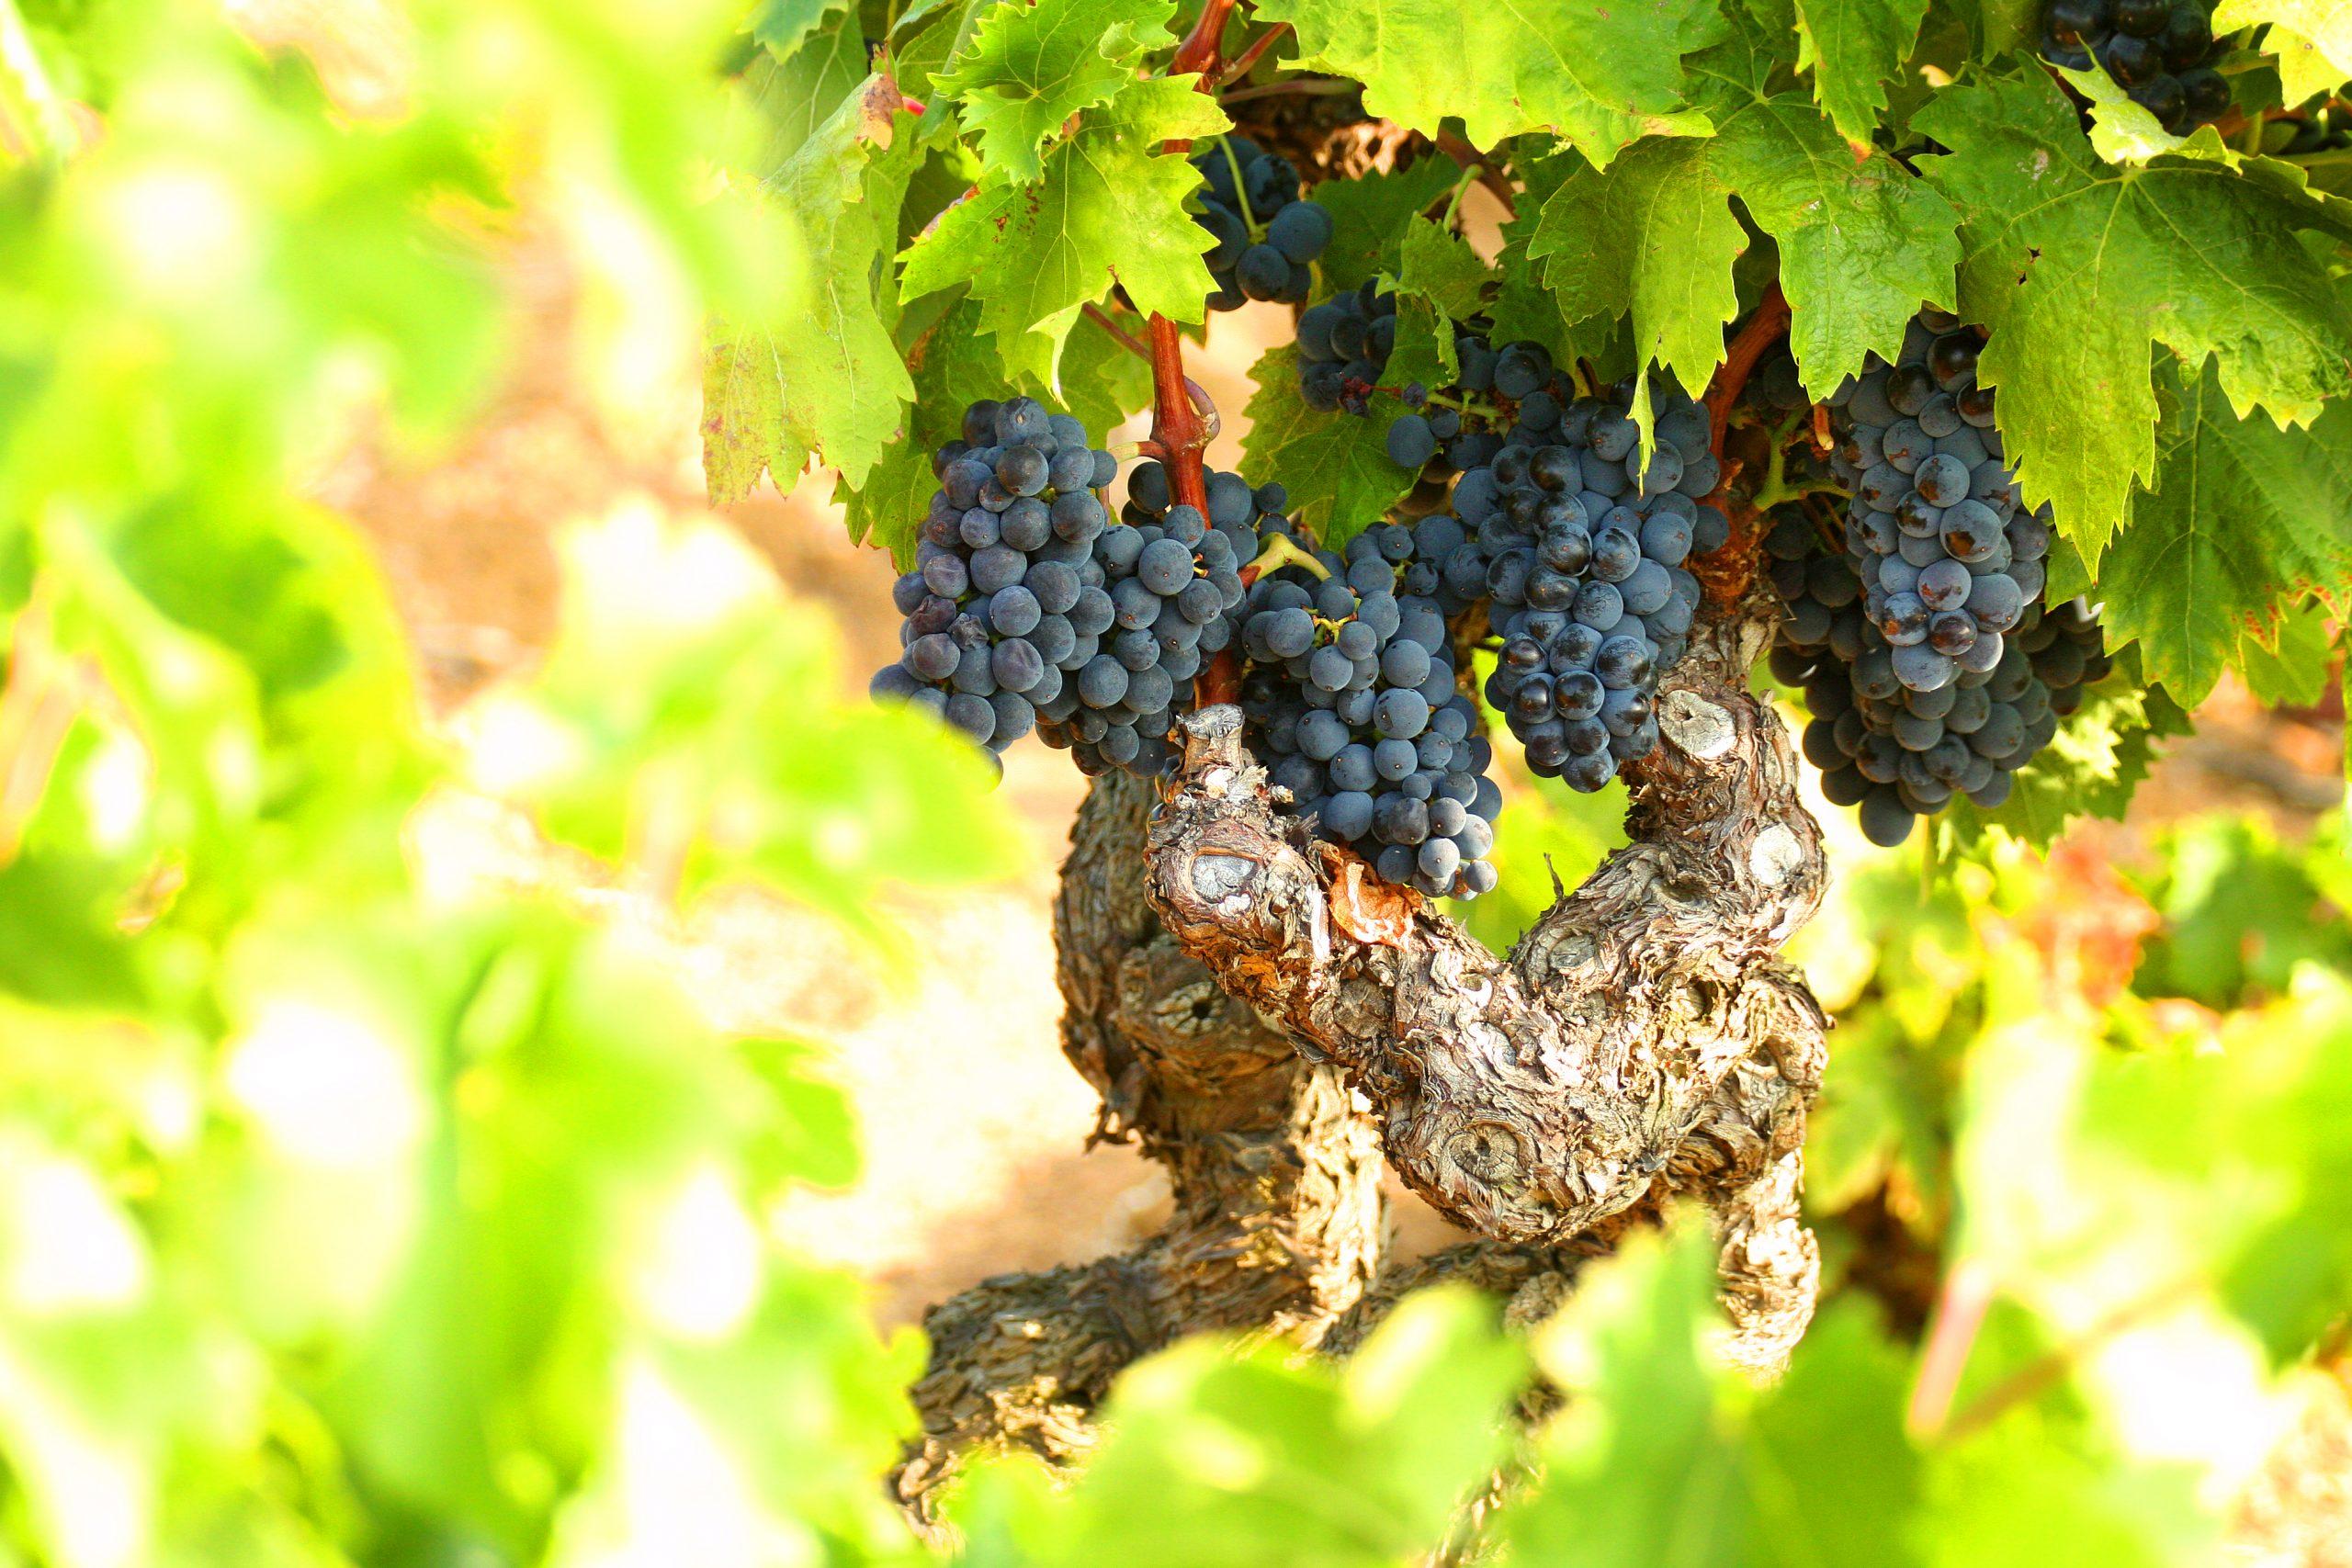 des raisins sur un cep de vigne